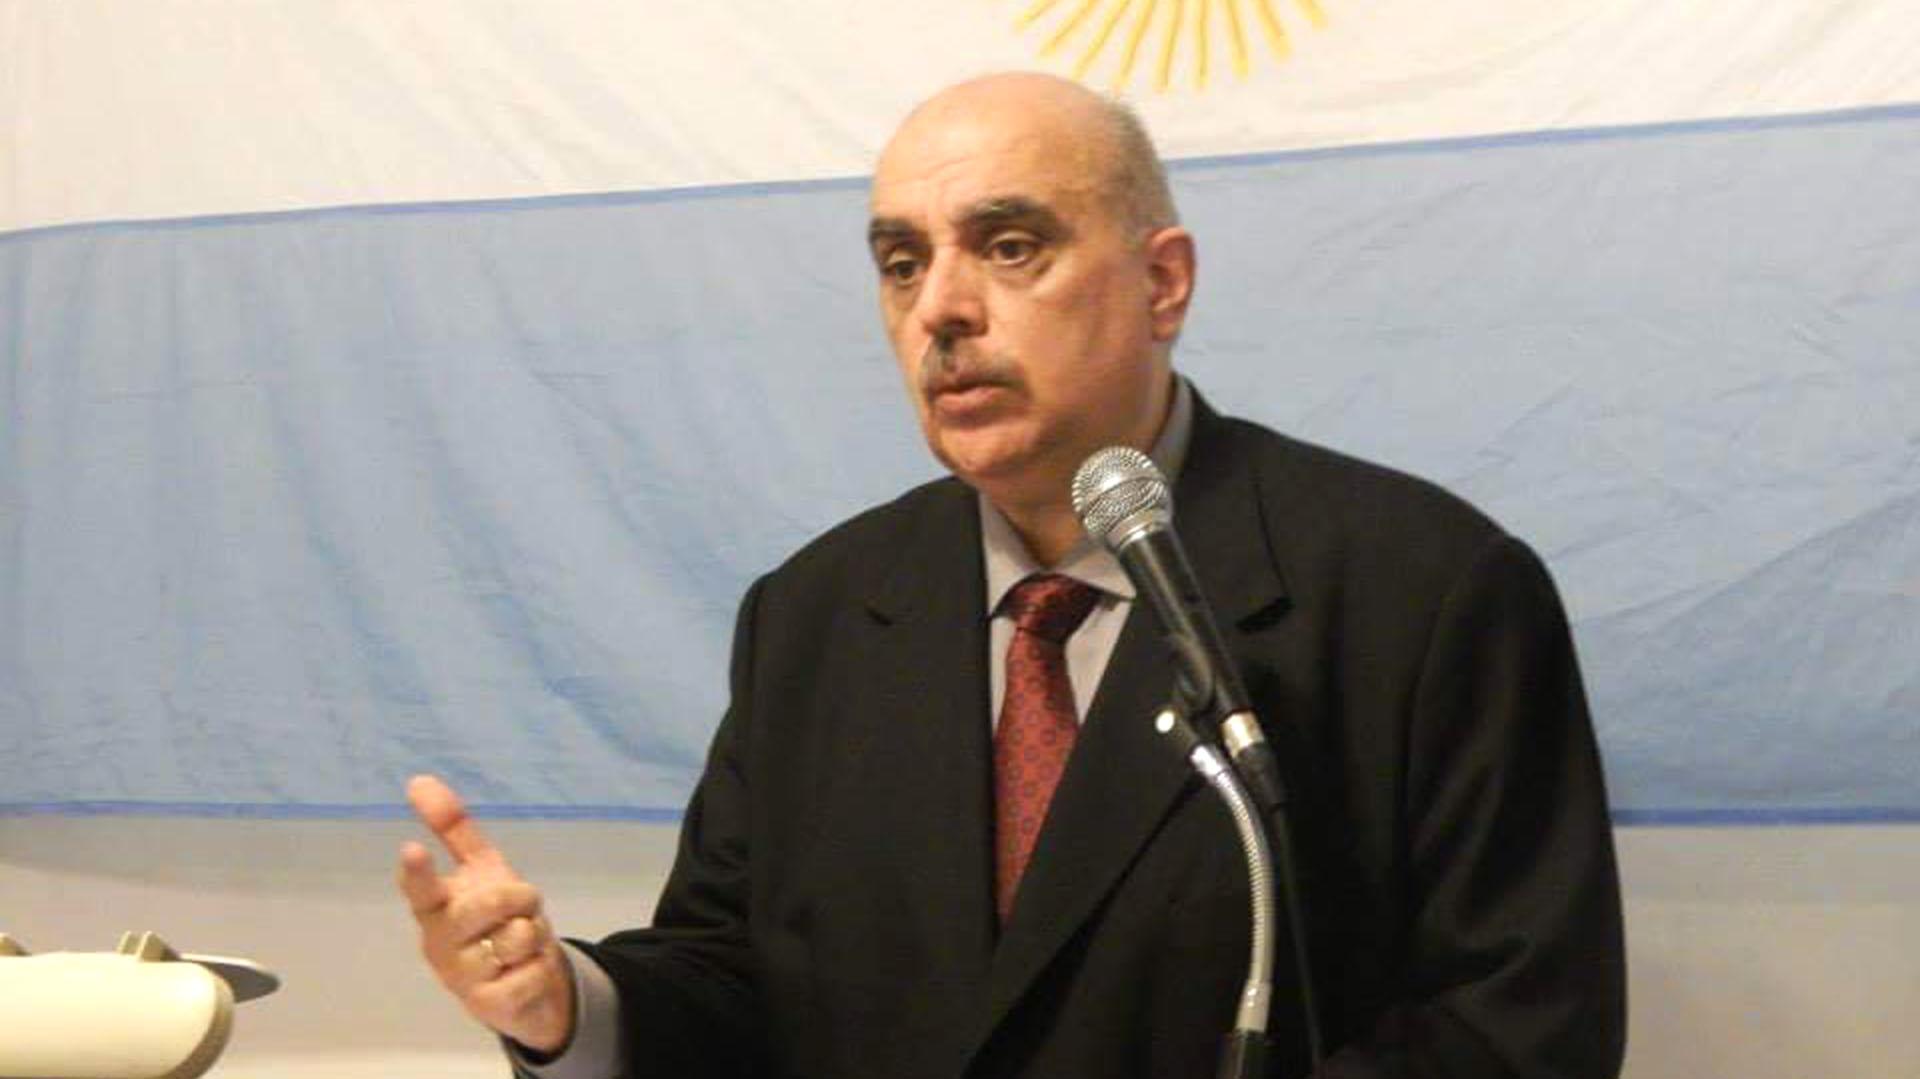 Alejandro Biondini